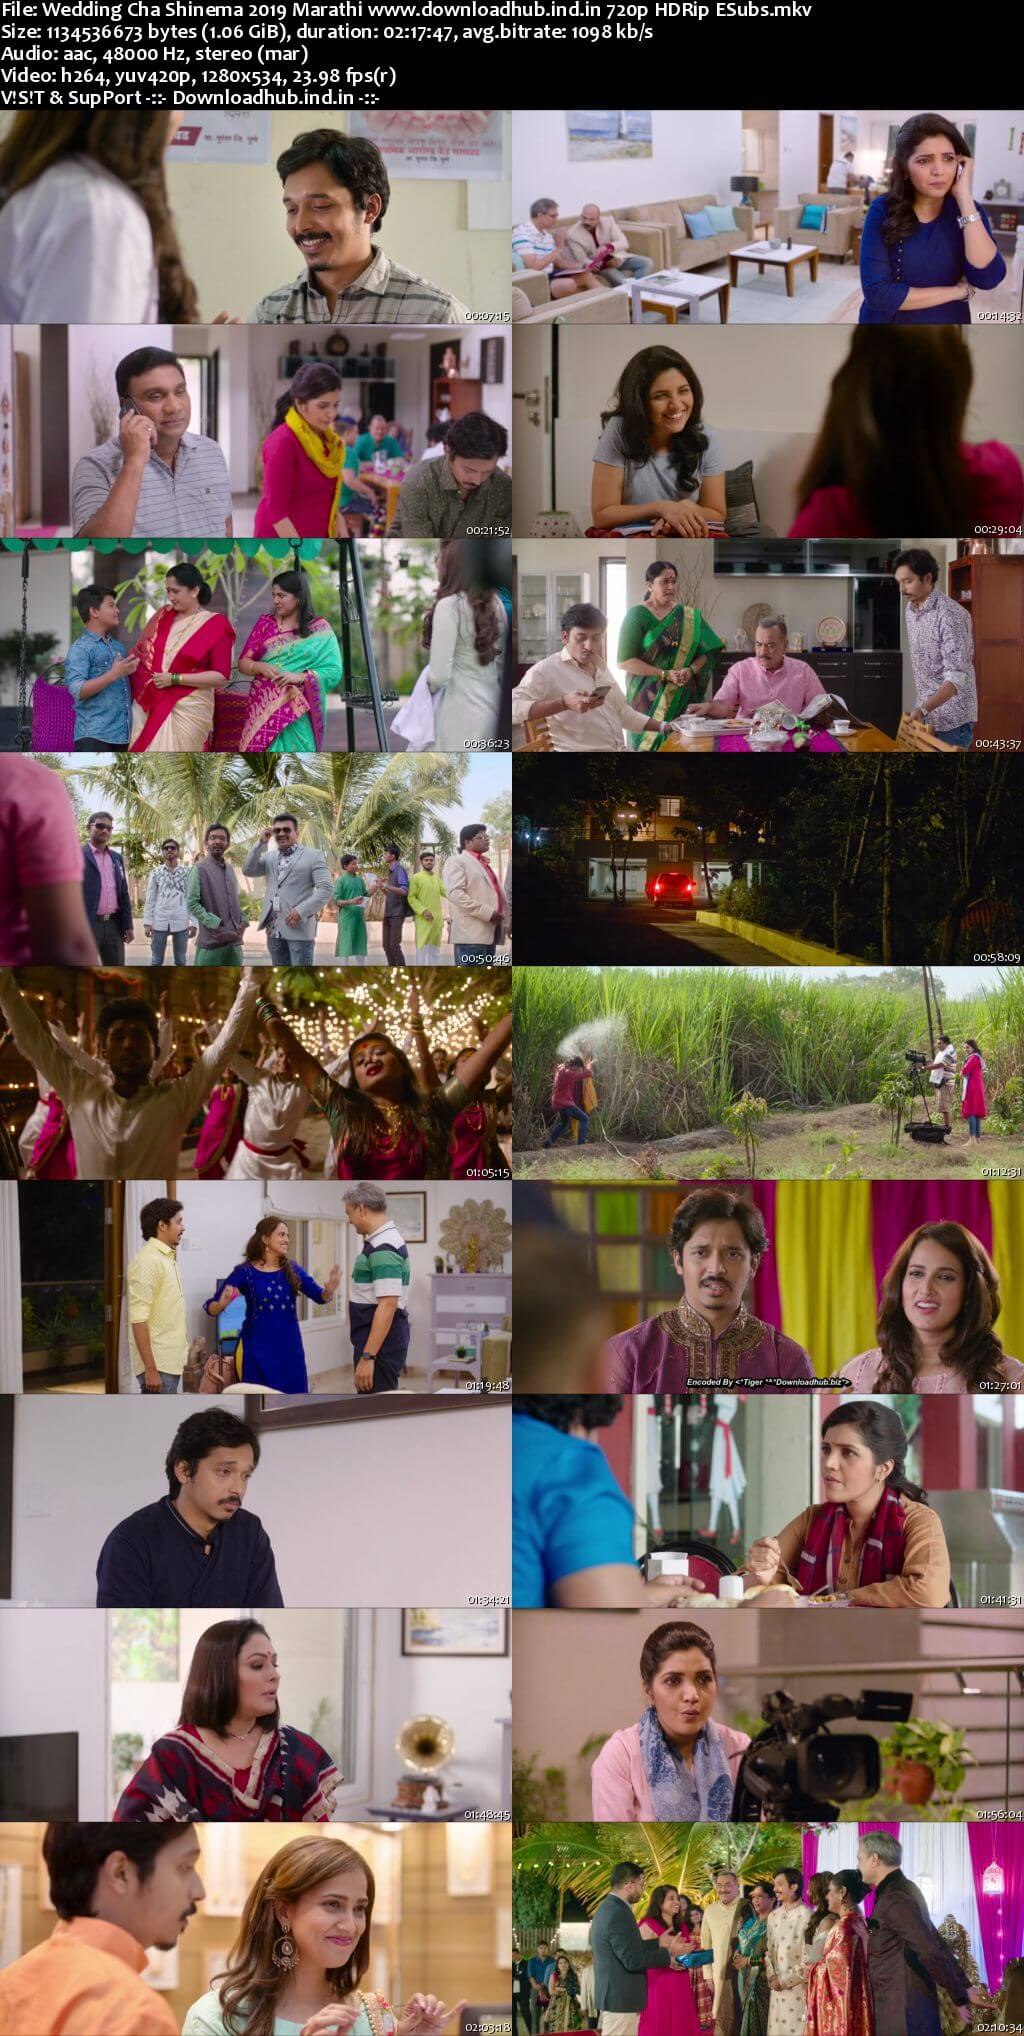 Download Wedding Cha Shinema 2019 Marathi 480p HDRip